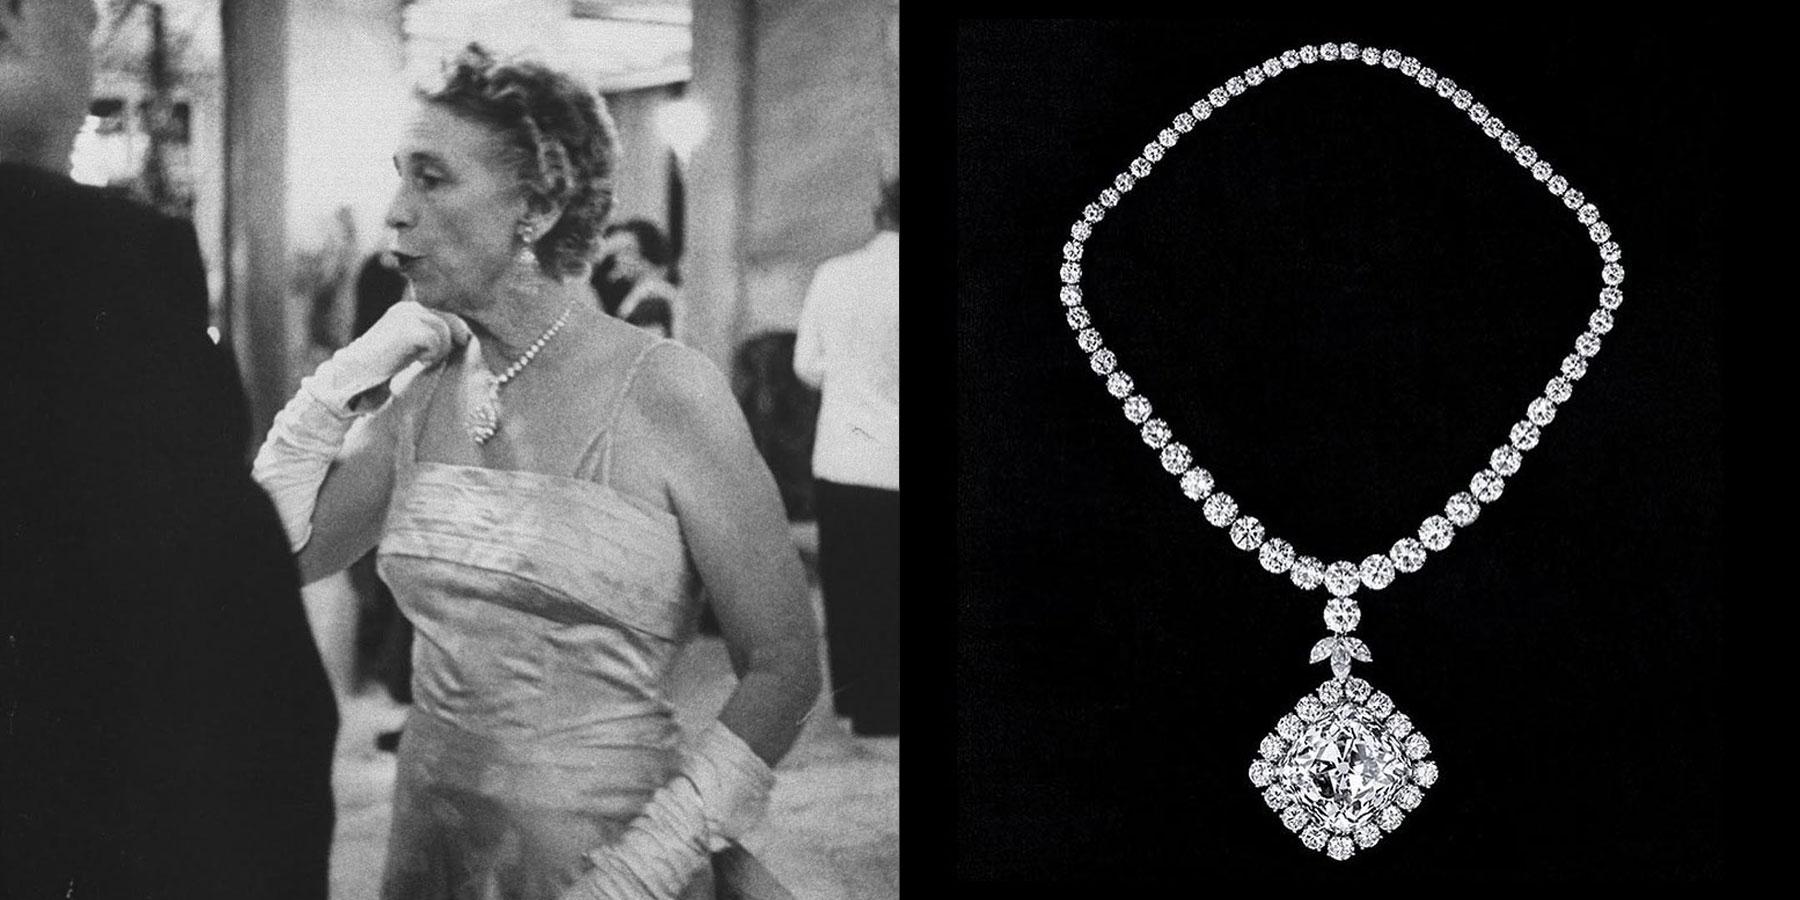 Viên kim cương vàng 128 carat của Tiffany & Co